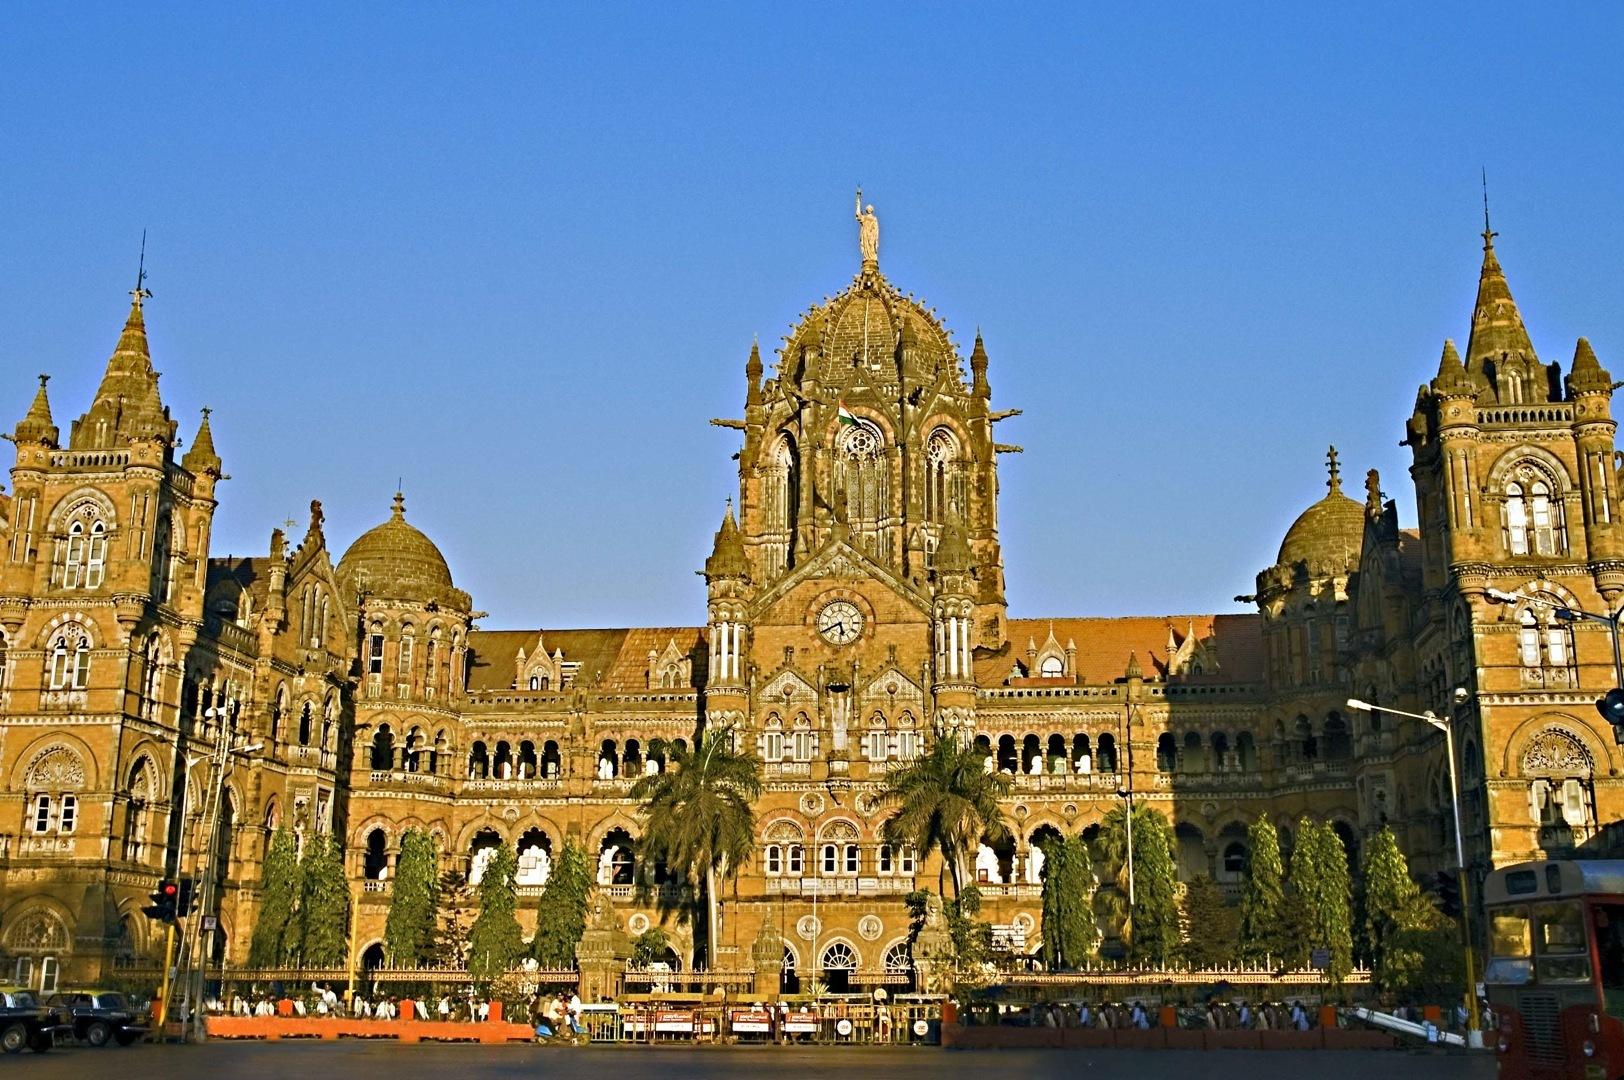 インド最大の経済都市「ムンバイ」の観光スポットおすすめ4選